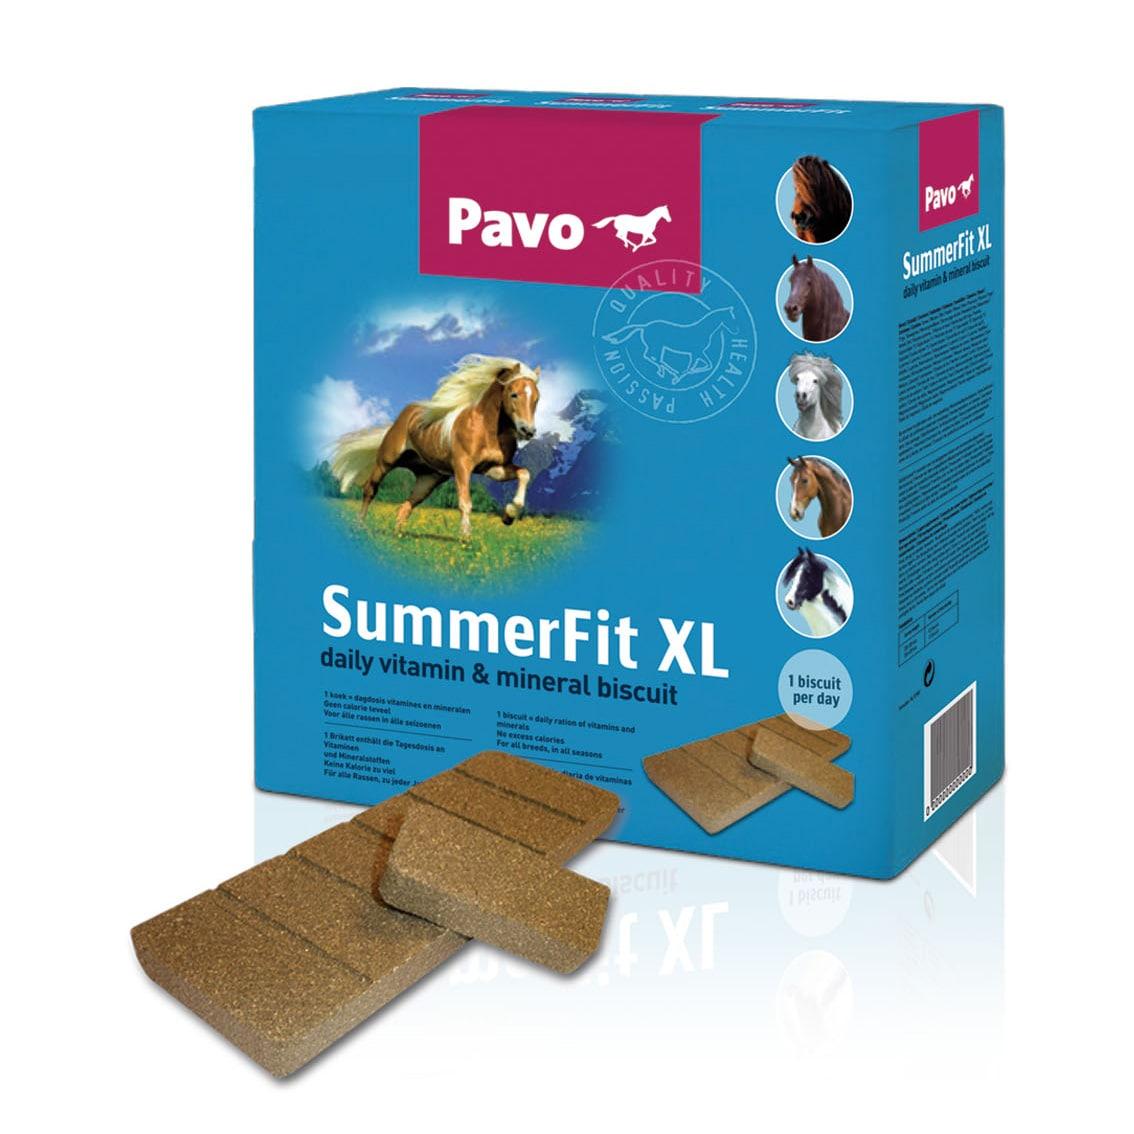 Pavo Summerfit XL 15 kg. Hogsta Foderbutik.